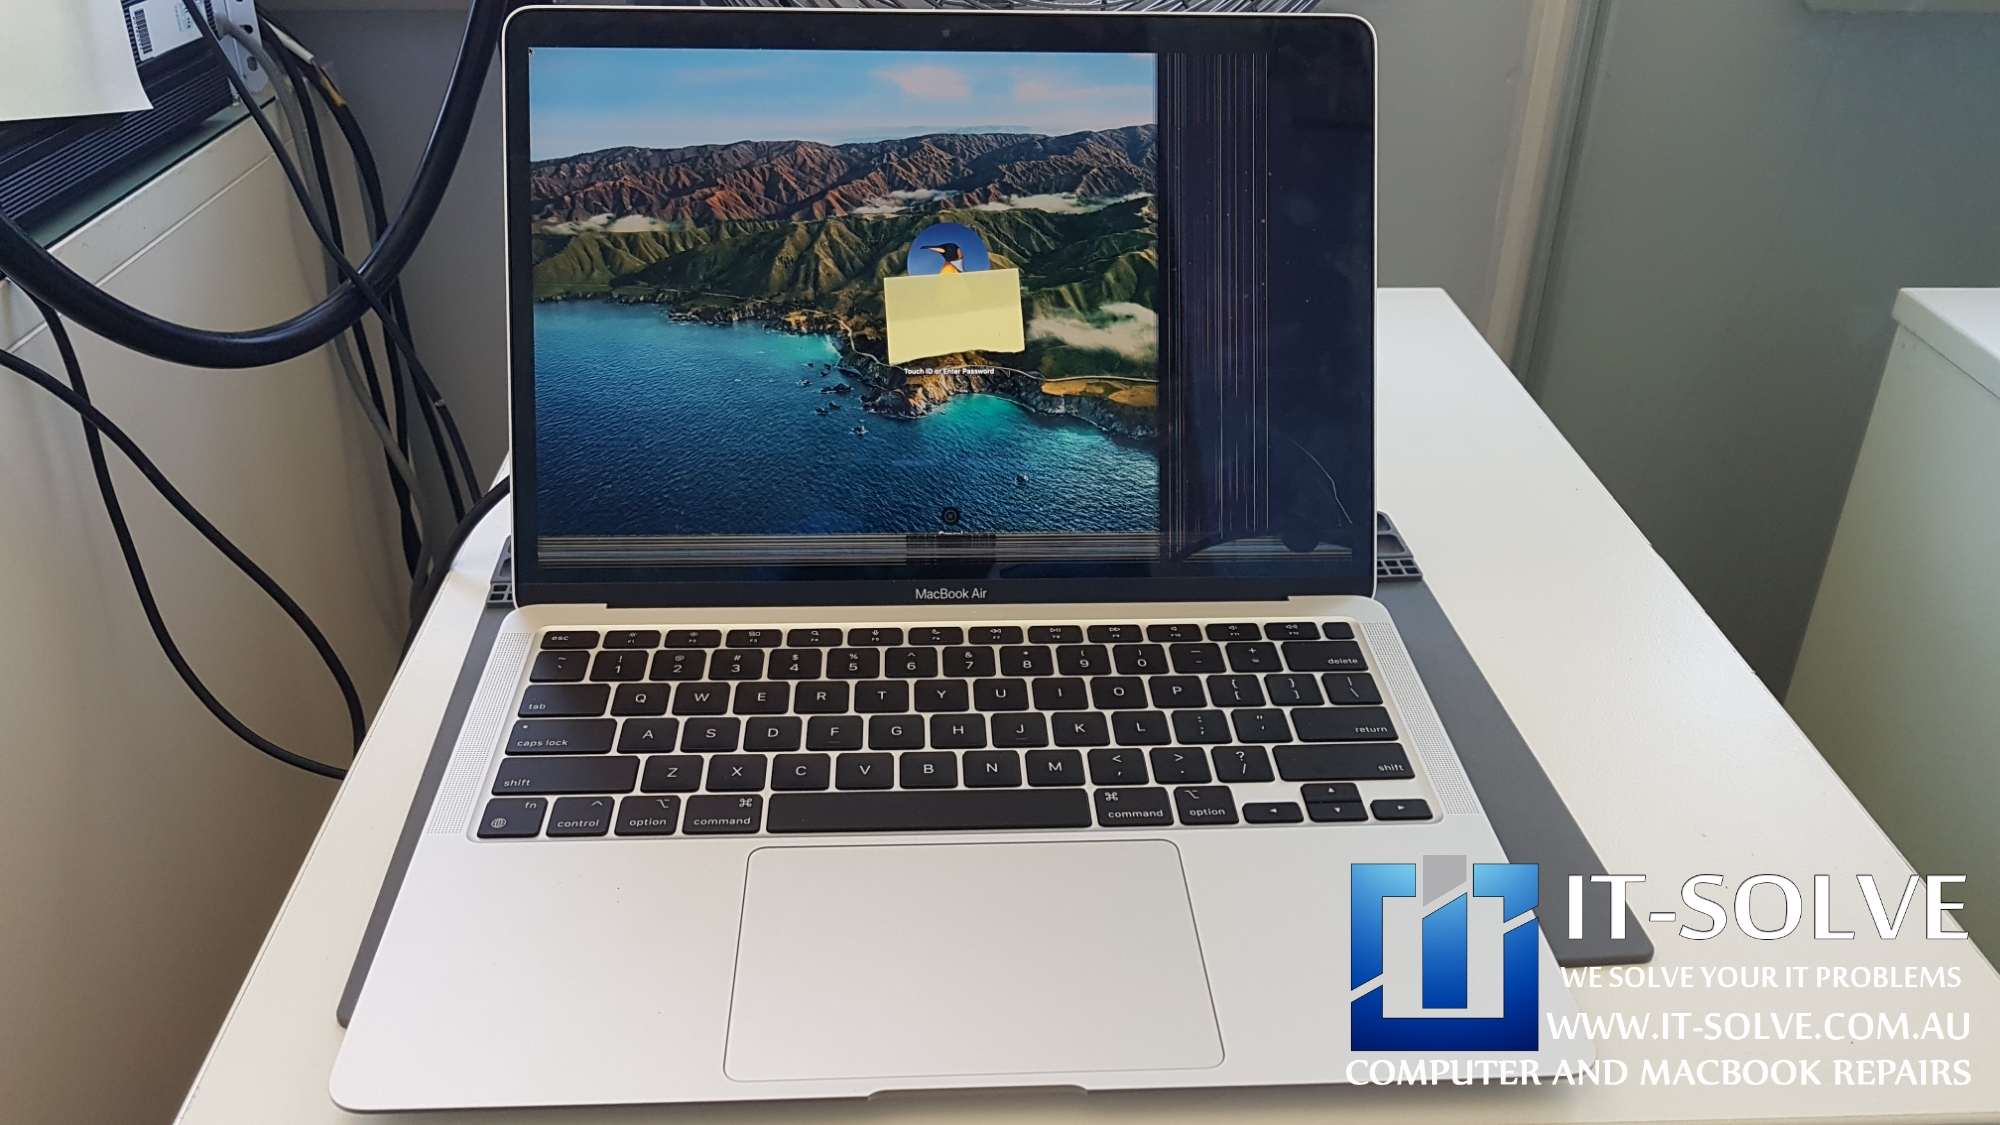 Macbook Air broken screen replacement A2239 2019